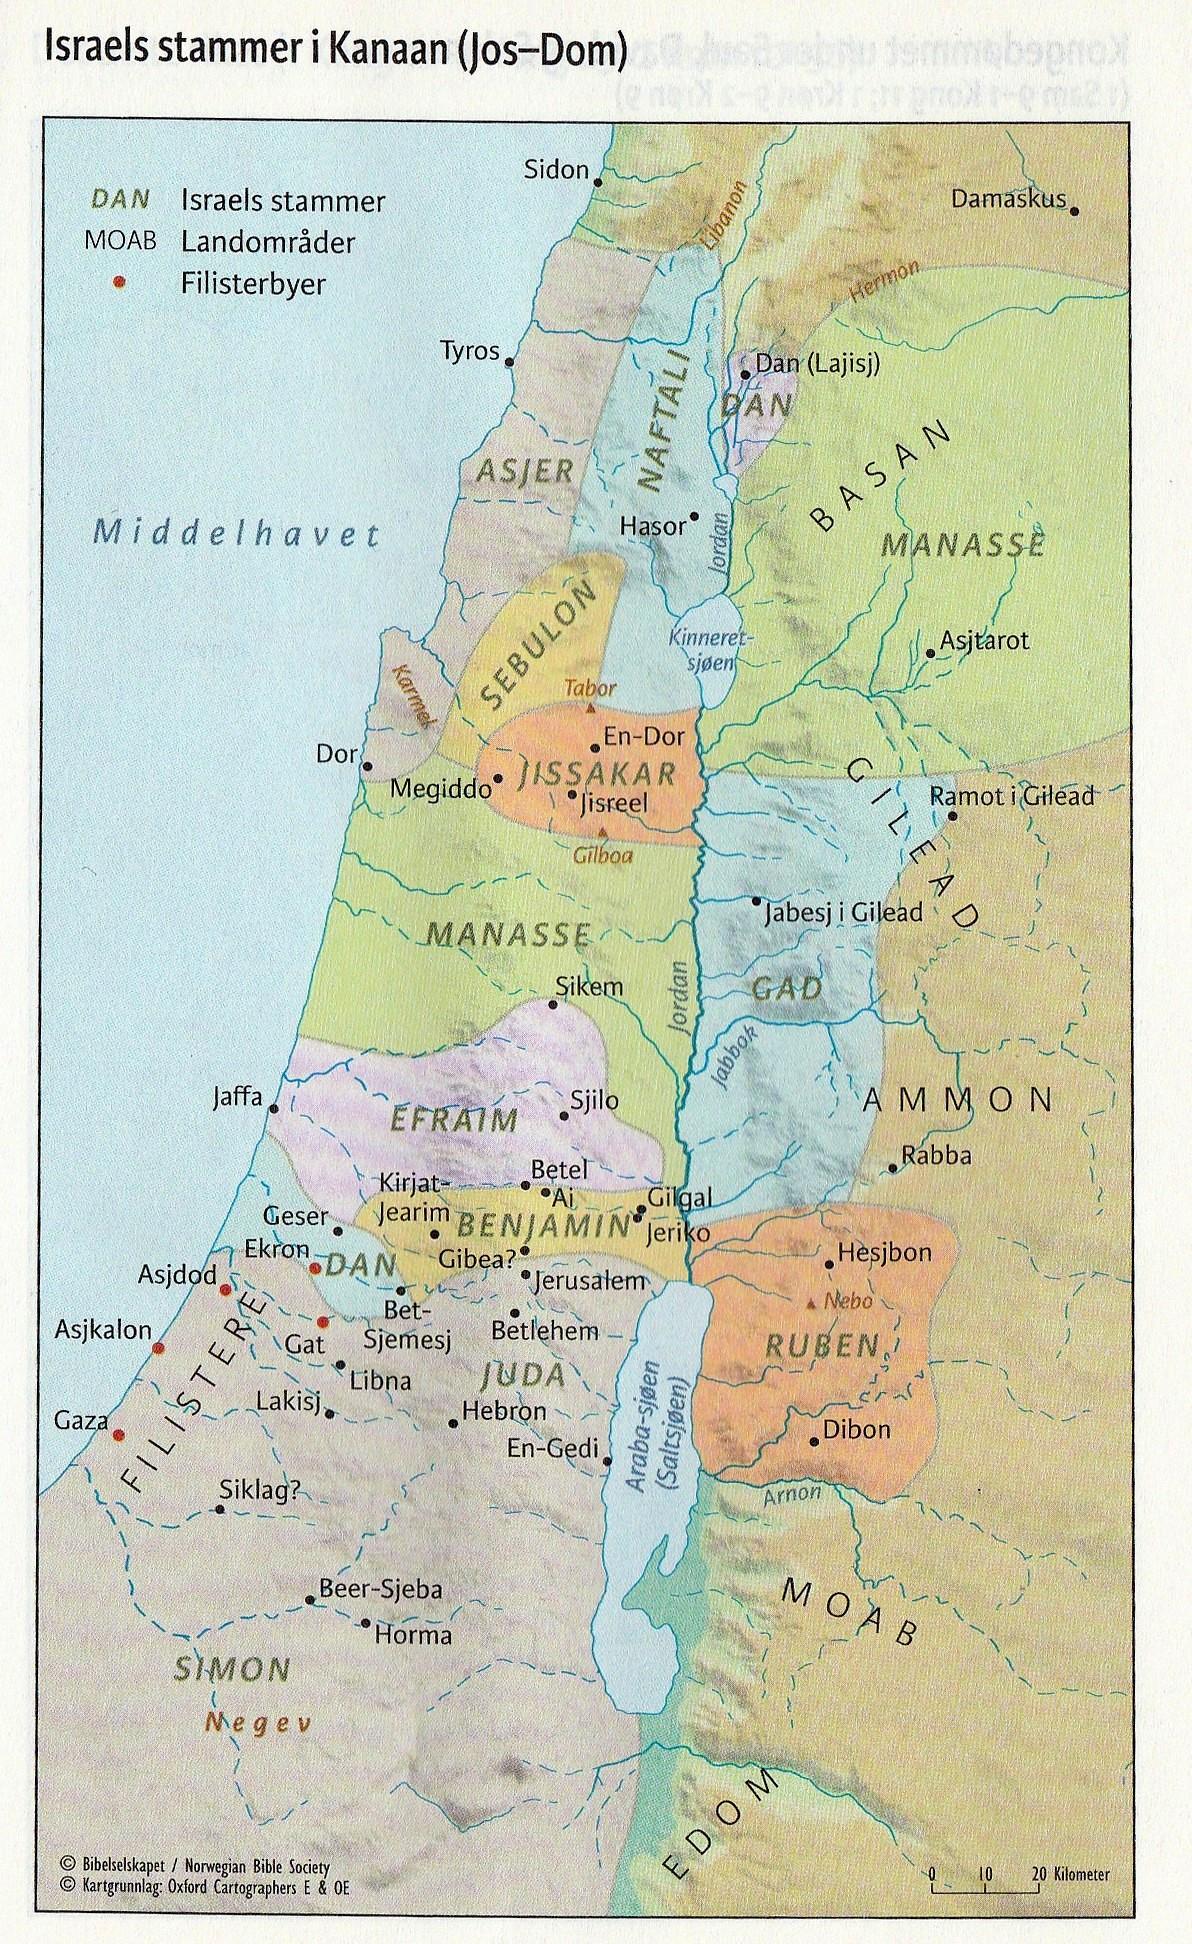 Israels stammer i Kanaan  (Jos-Dom)